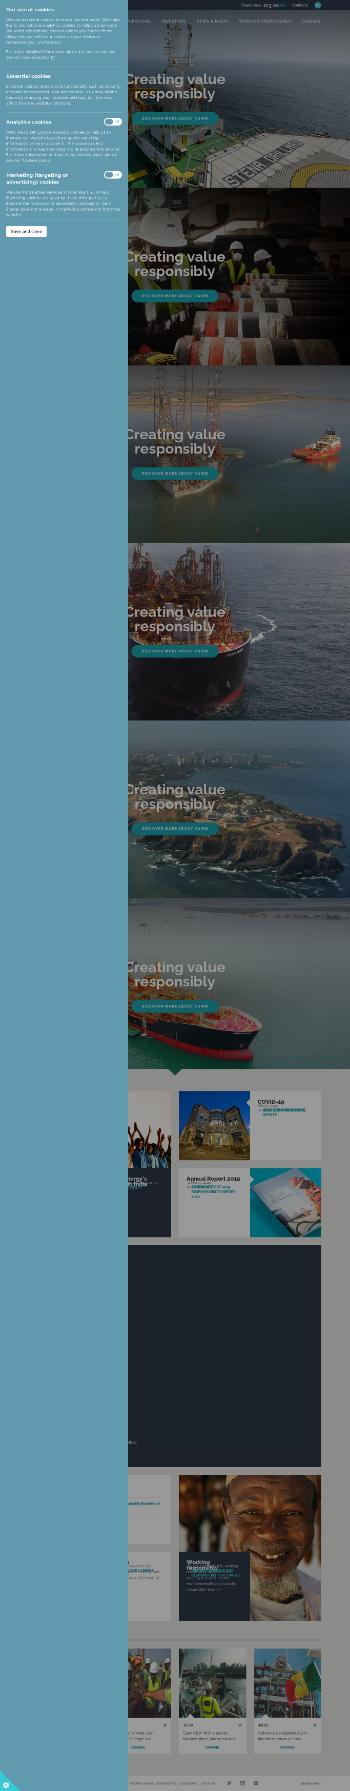 Cairn Energy PLC Website Screenshot